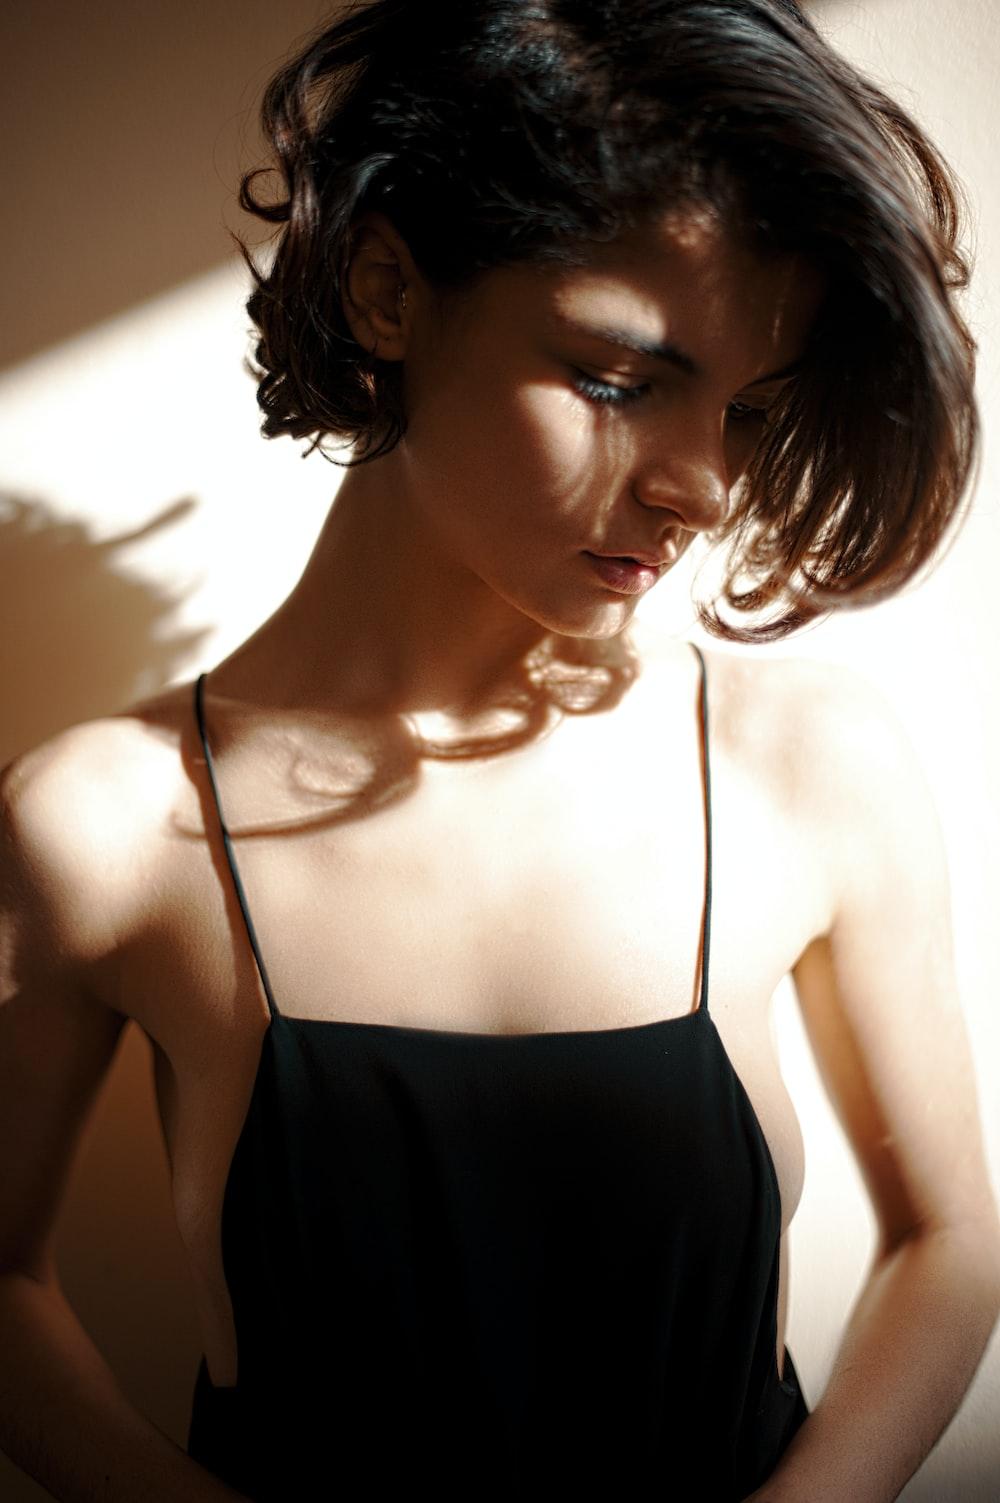 woman in black spaghetti strap top